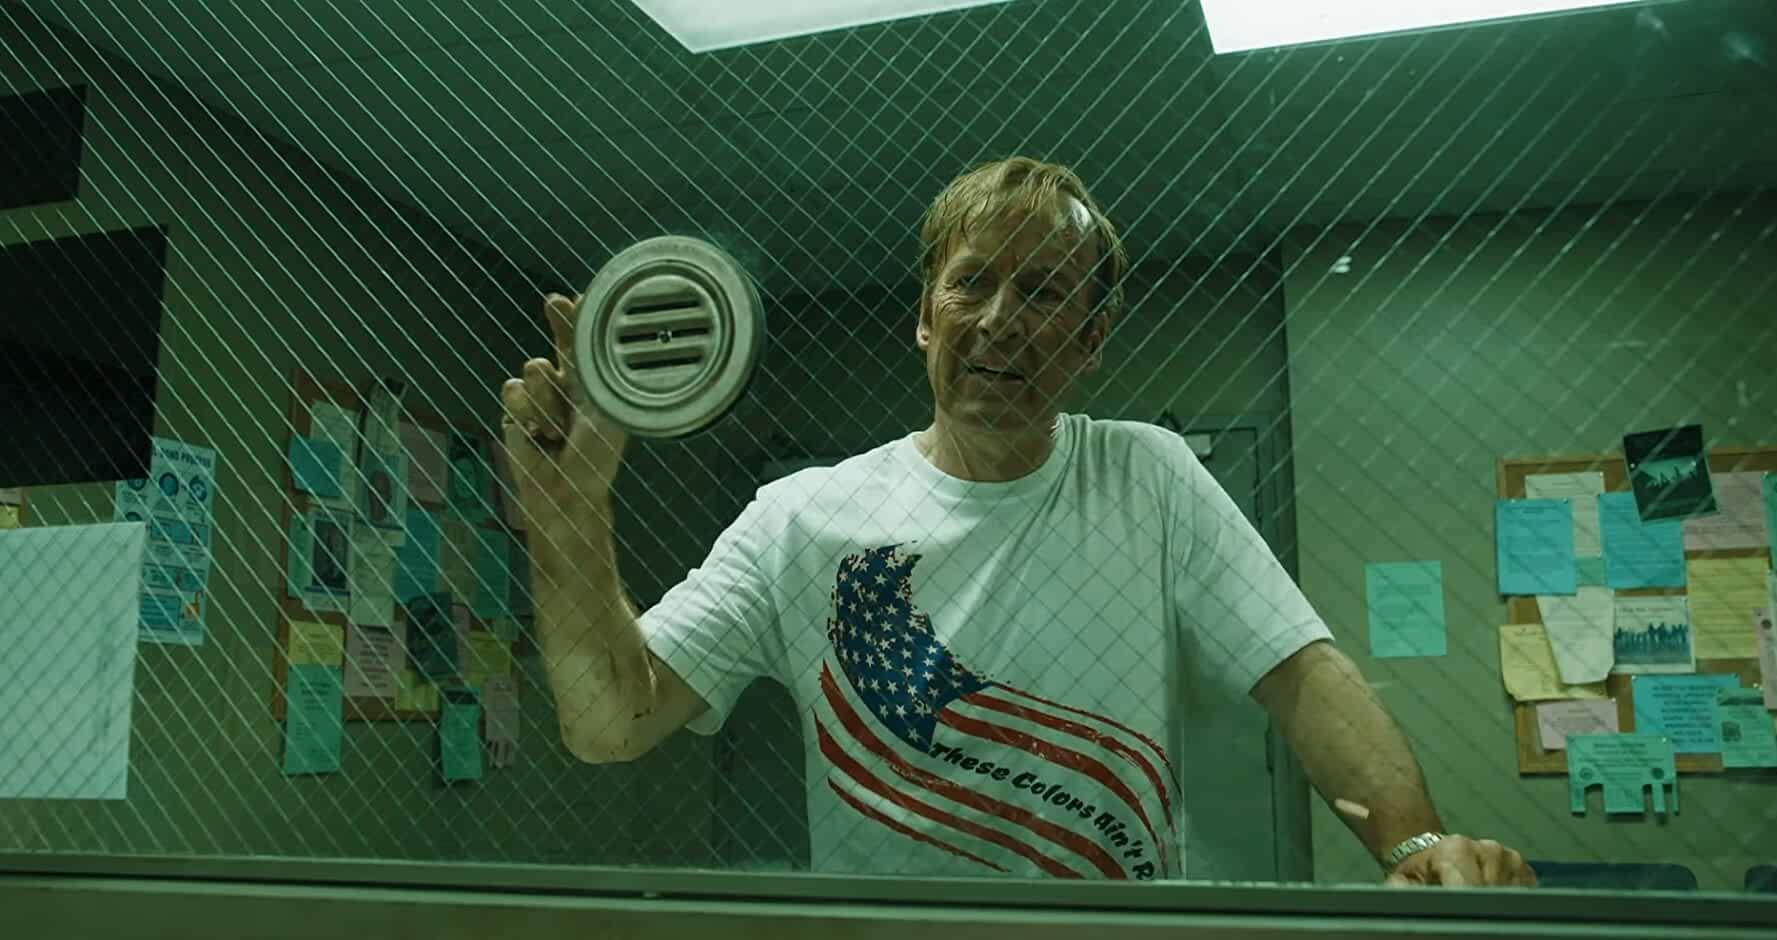 Better-Call-Saul-Season-5-Episode-9-.jpg (1777×940)